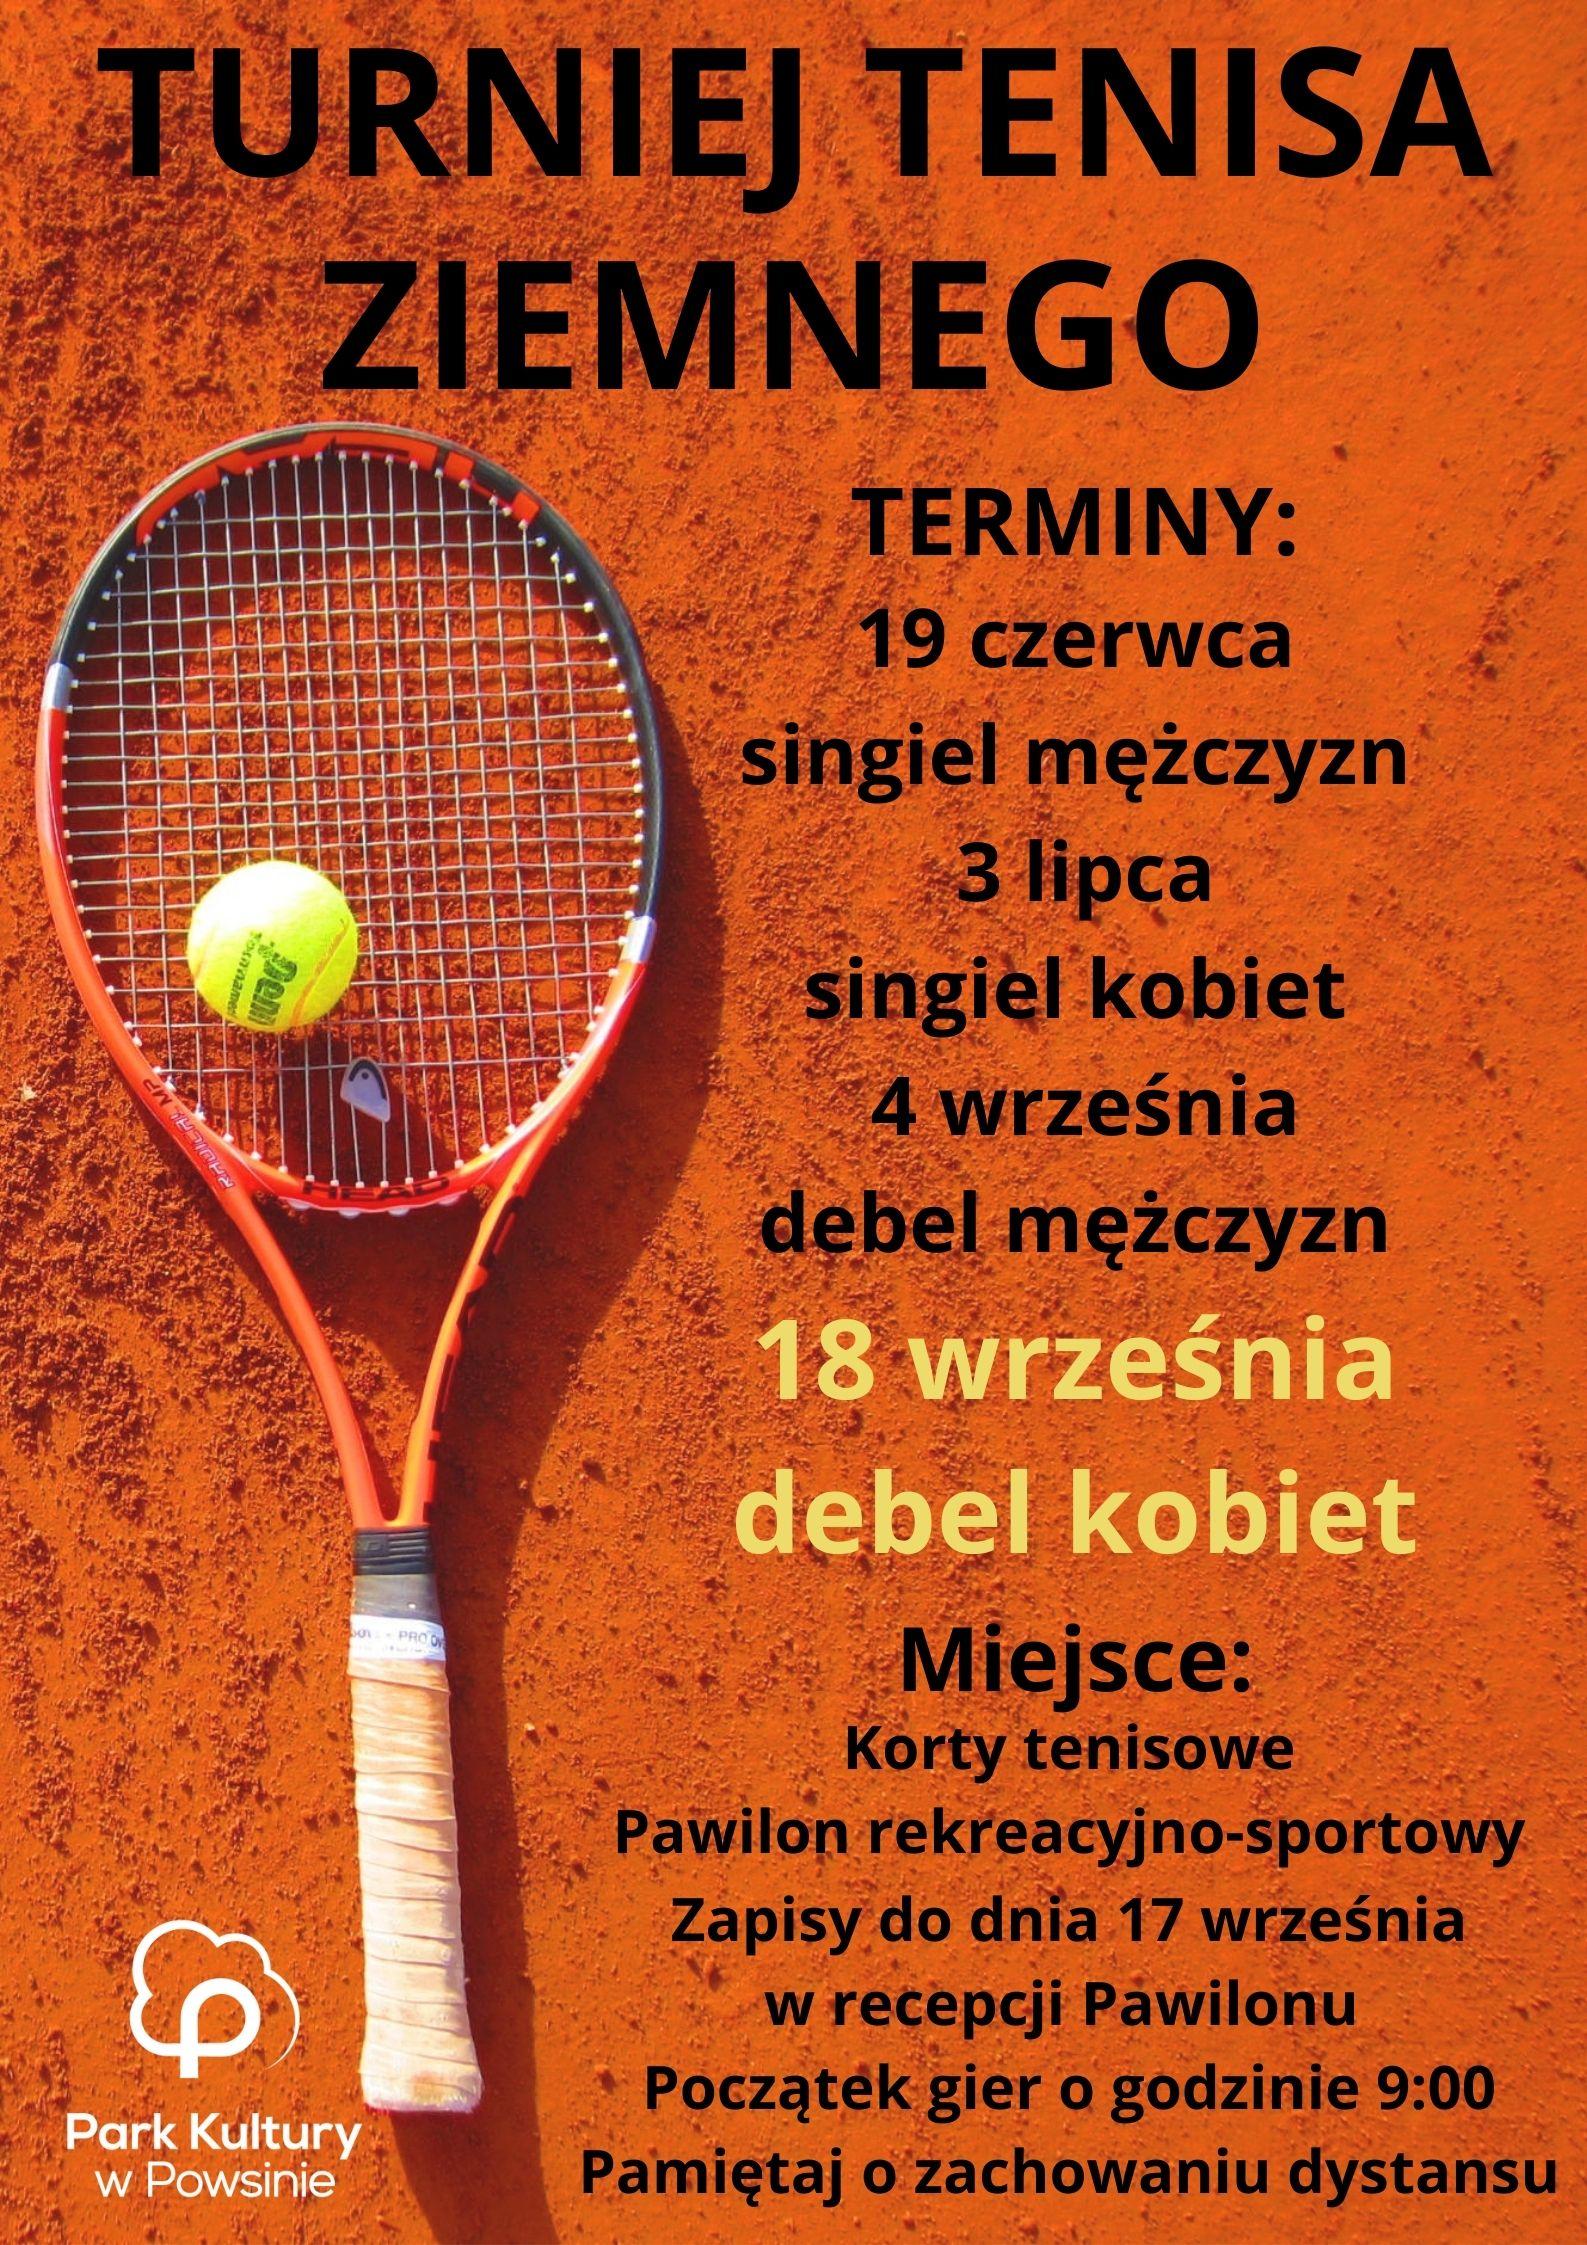 plakat z informacją o turnieju tenisa ziemnego debel kobiet w dniu 18 września o godzinie 9:00